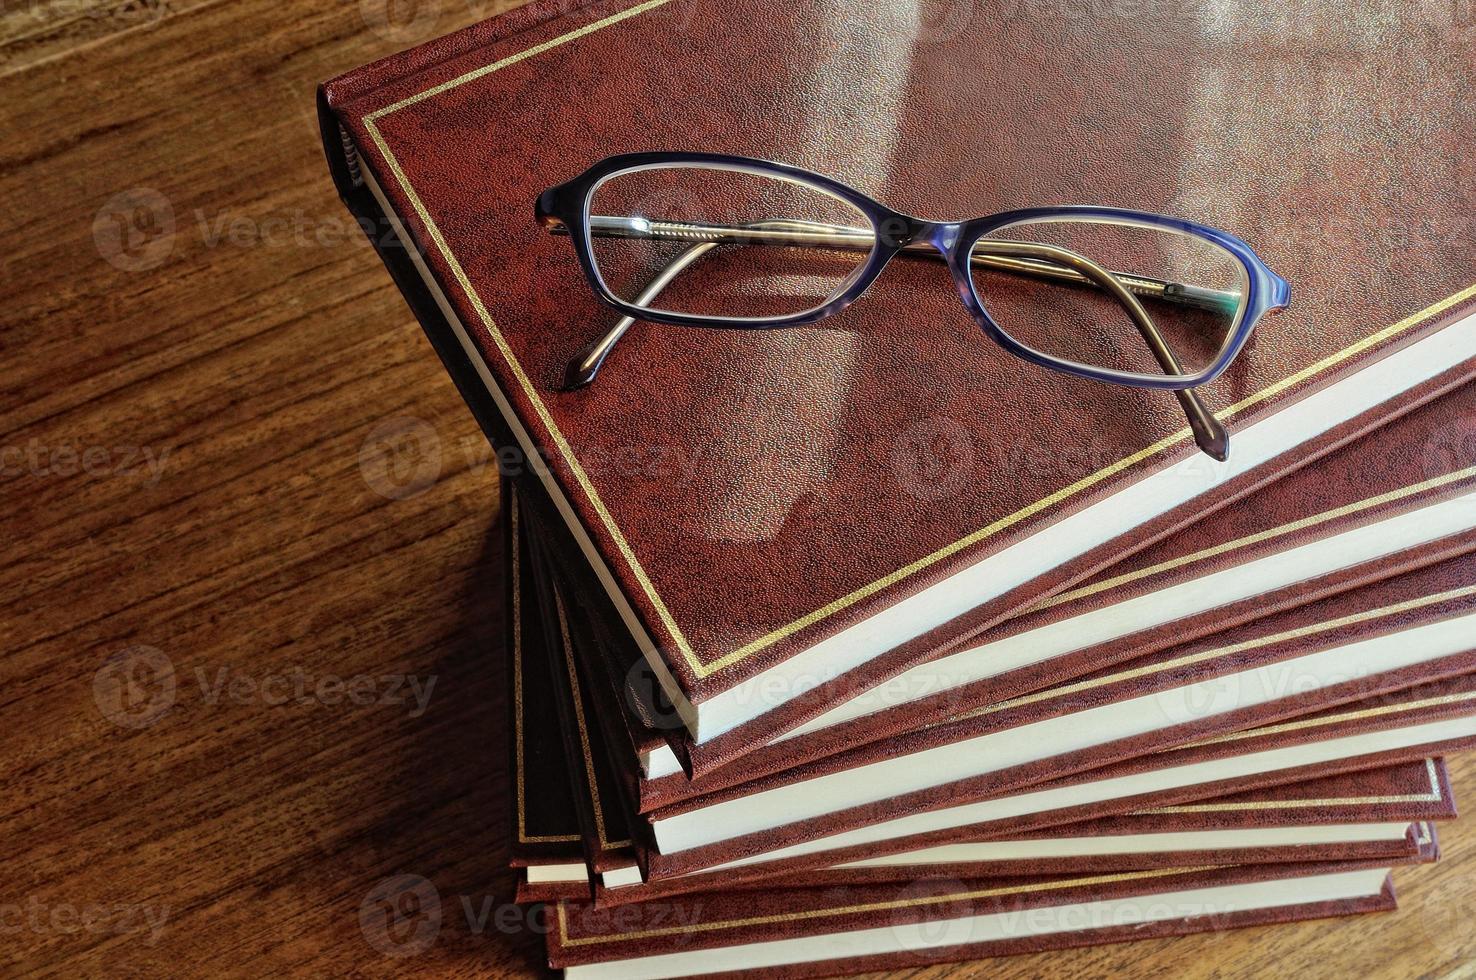 stapel boeken en glazen bovenaanzicht foto